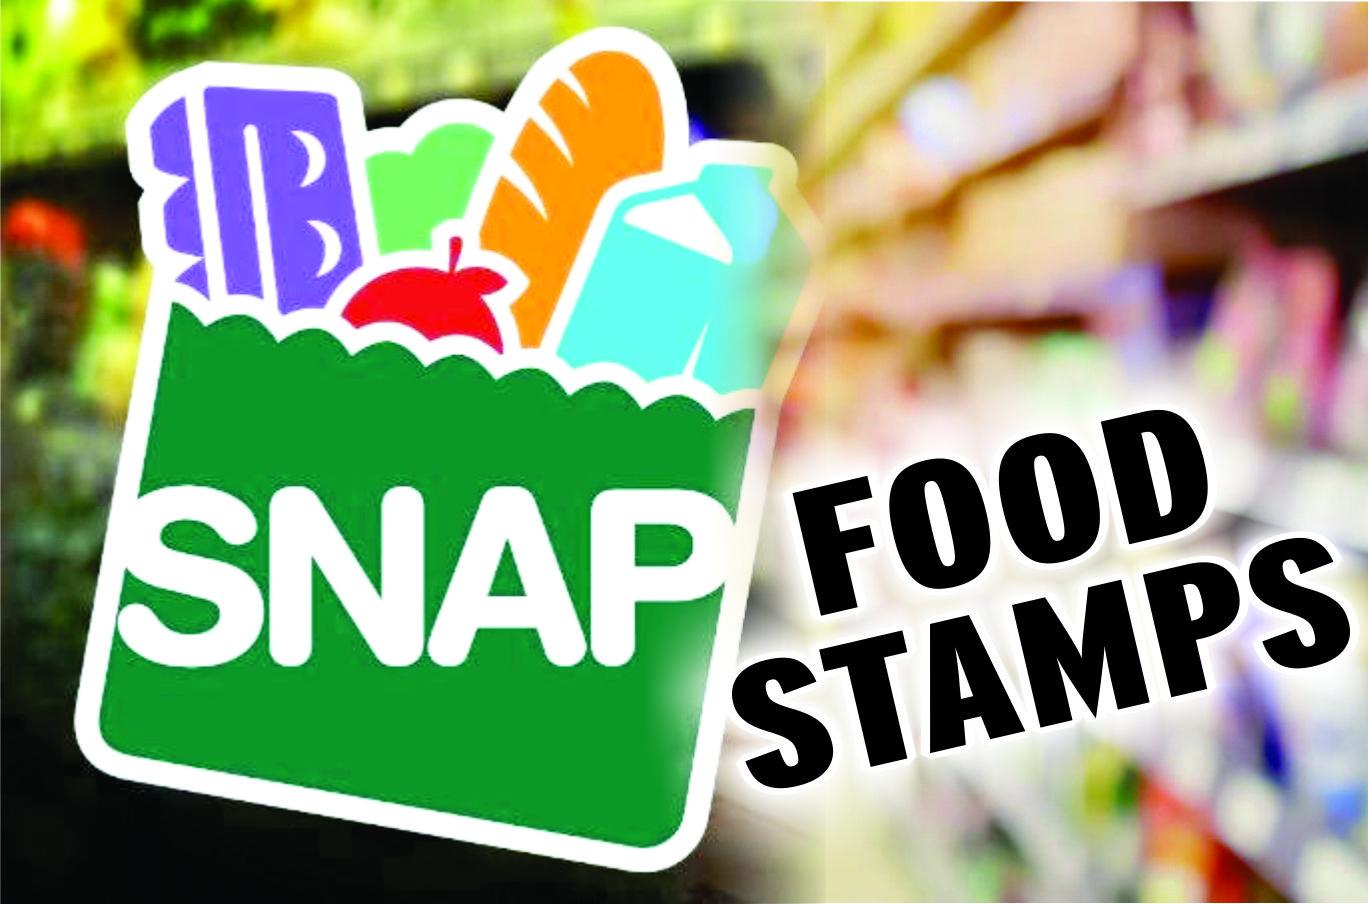 Al rededor de 700,000 destinatarios de SNAP podrían ser afectados bajo la nueva regla